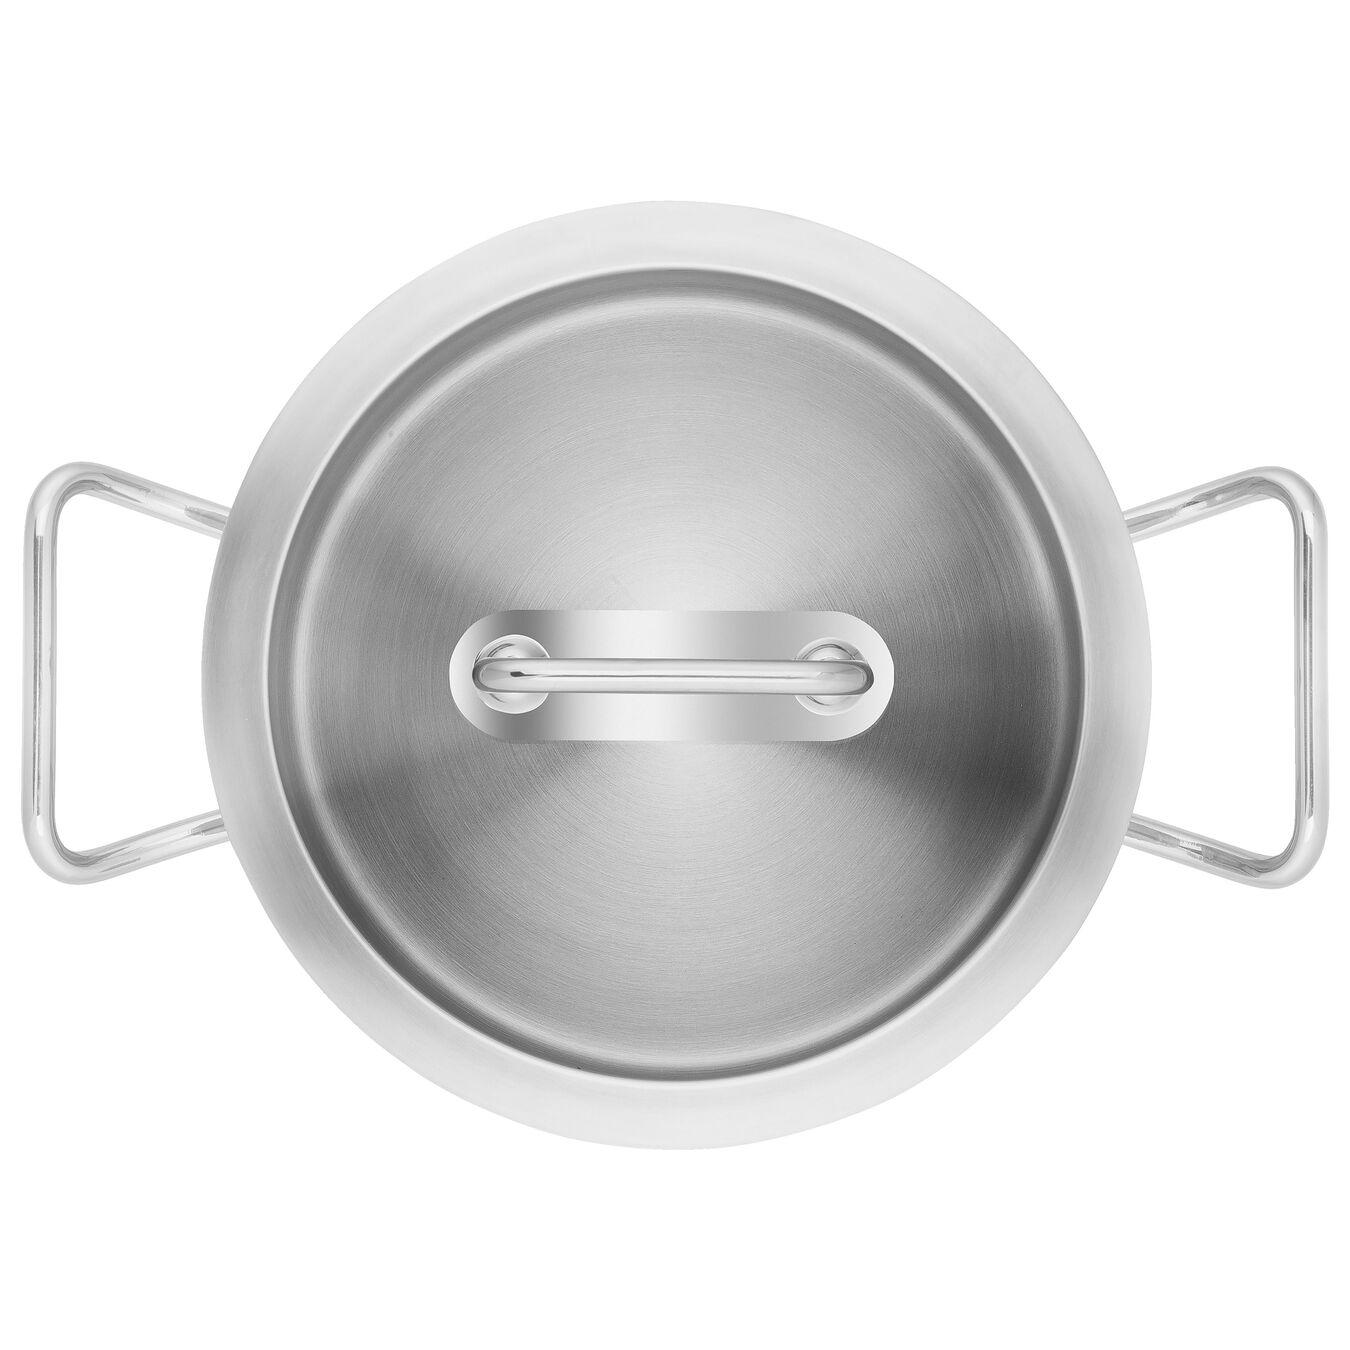 Casseruola - 20 cm, 18/10 acciaio inossidabile,,large 5